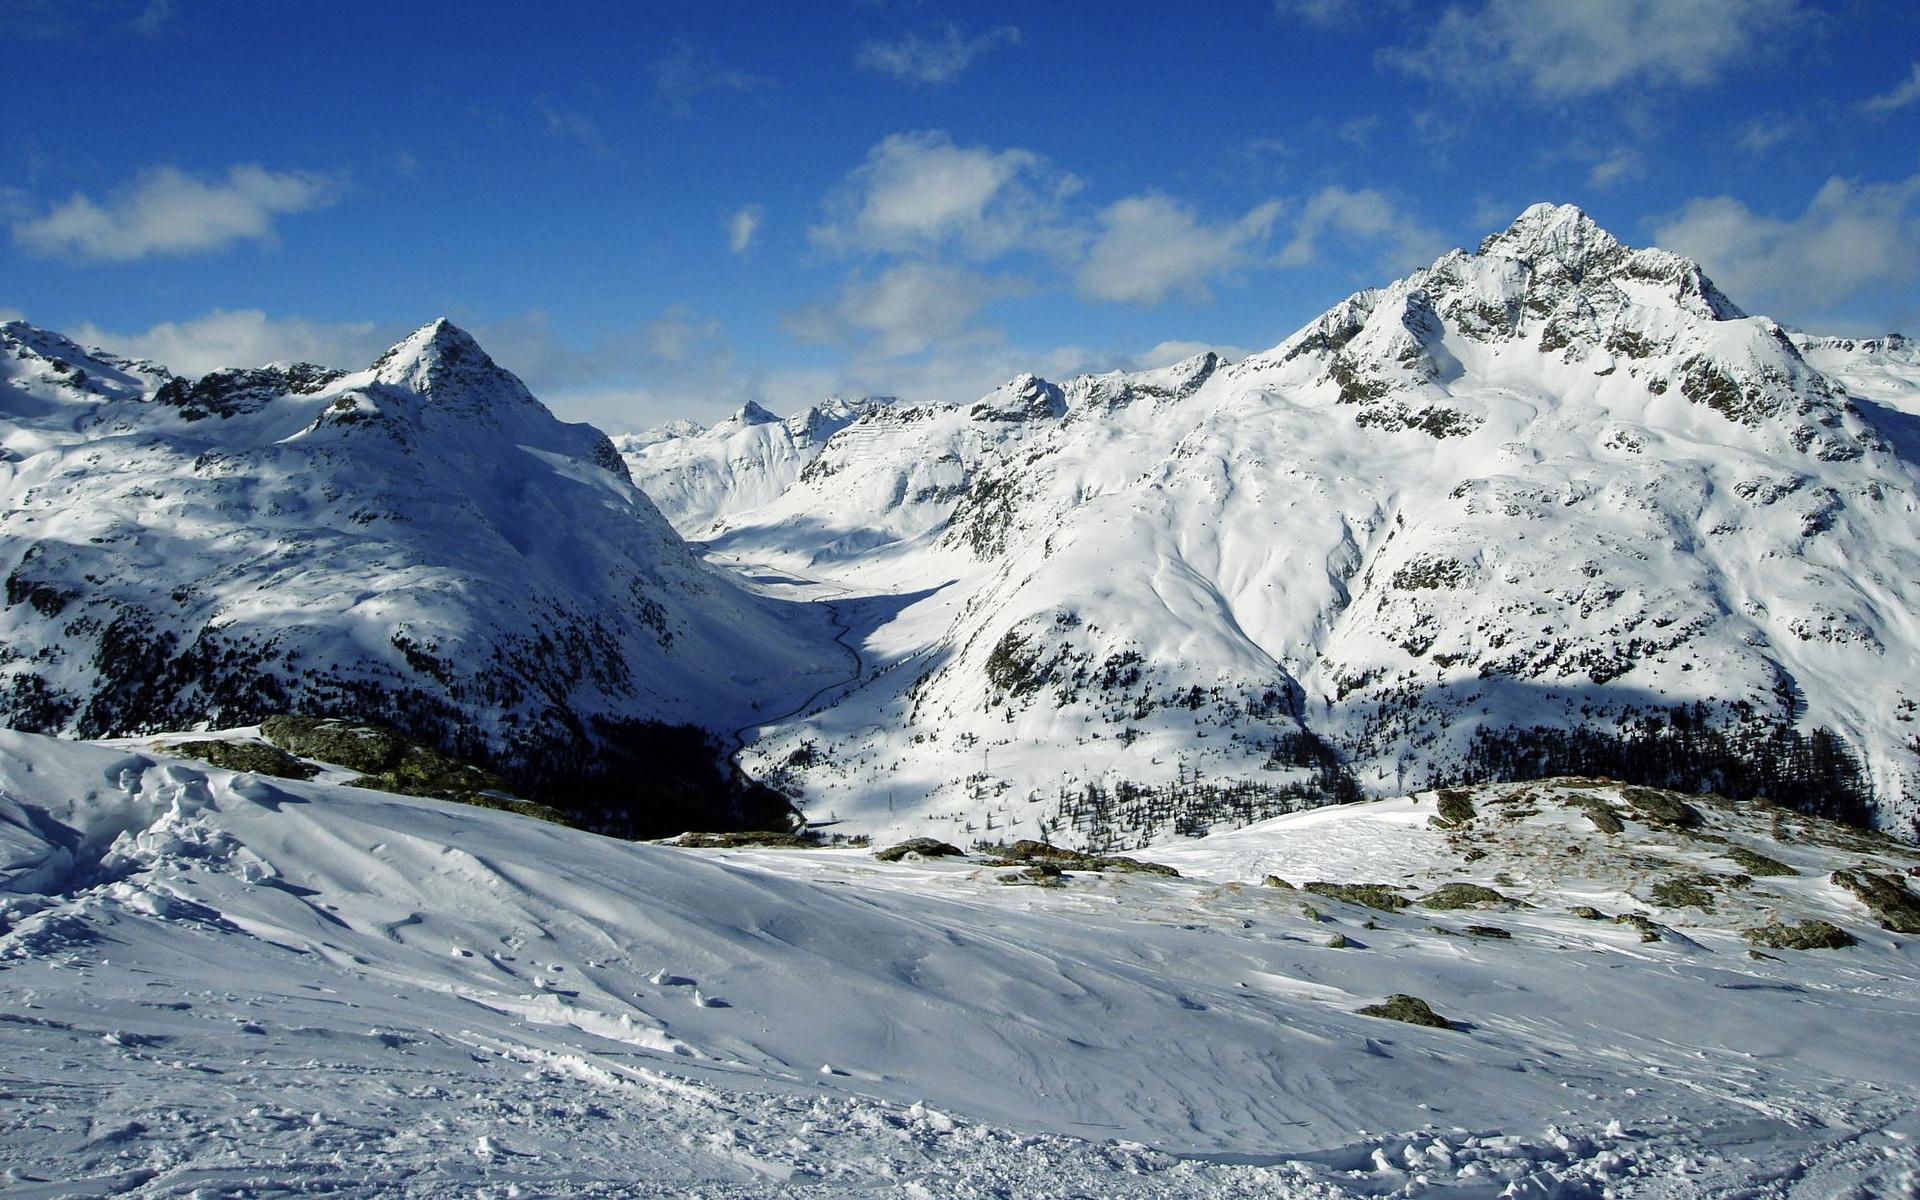 картинка снежные горы россии страны сосредоточено основном